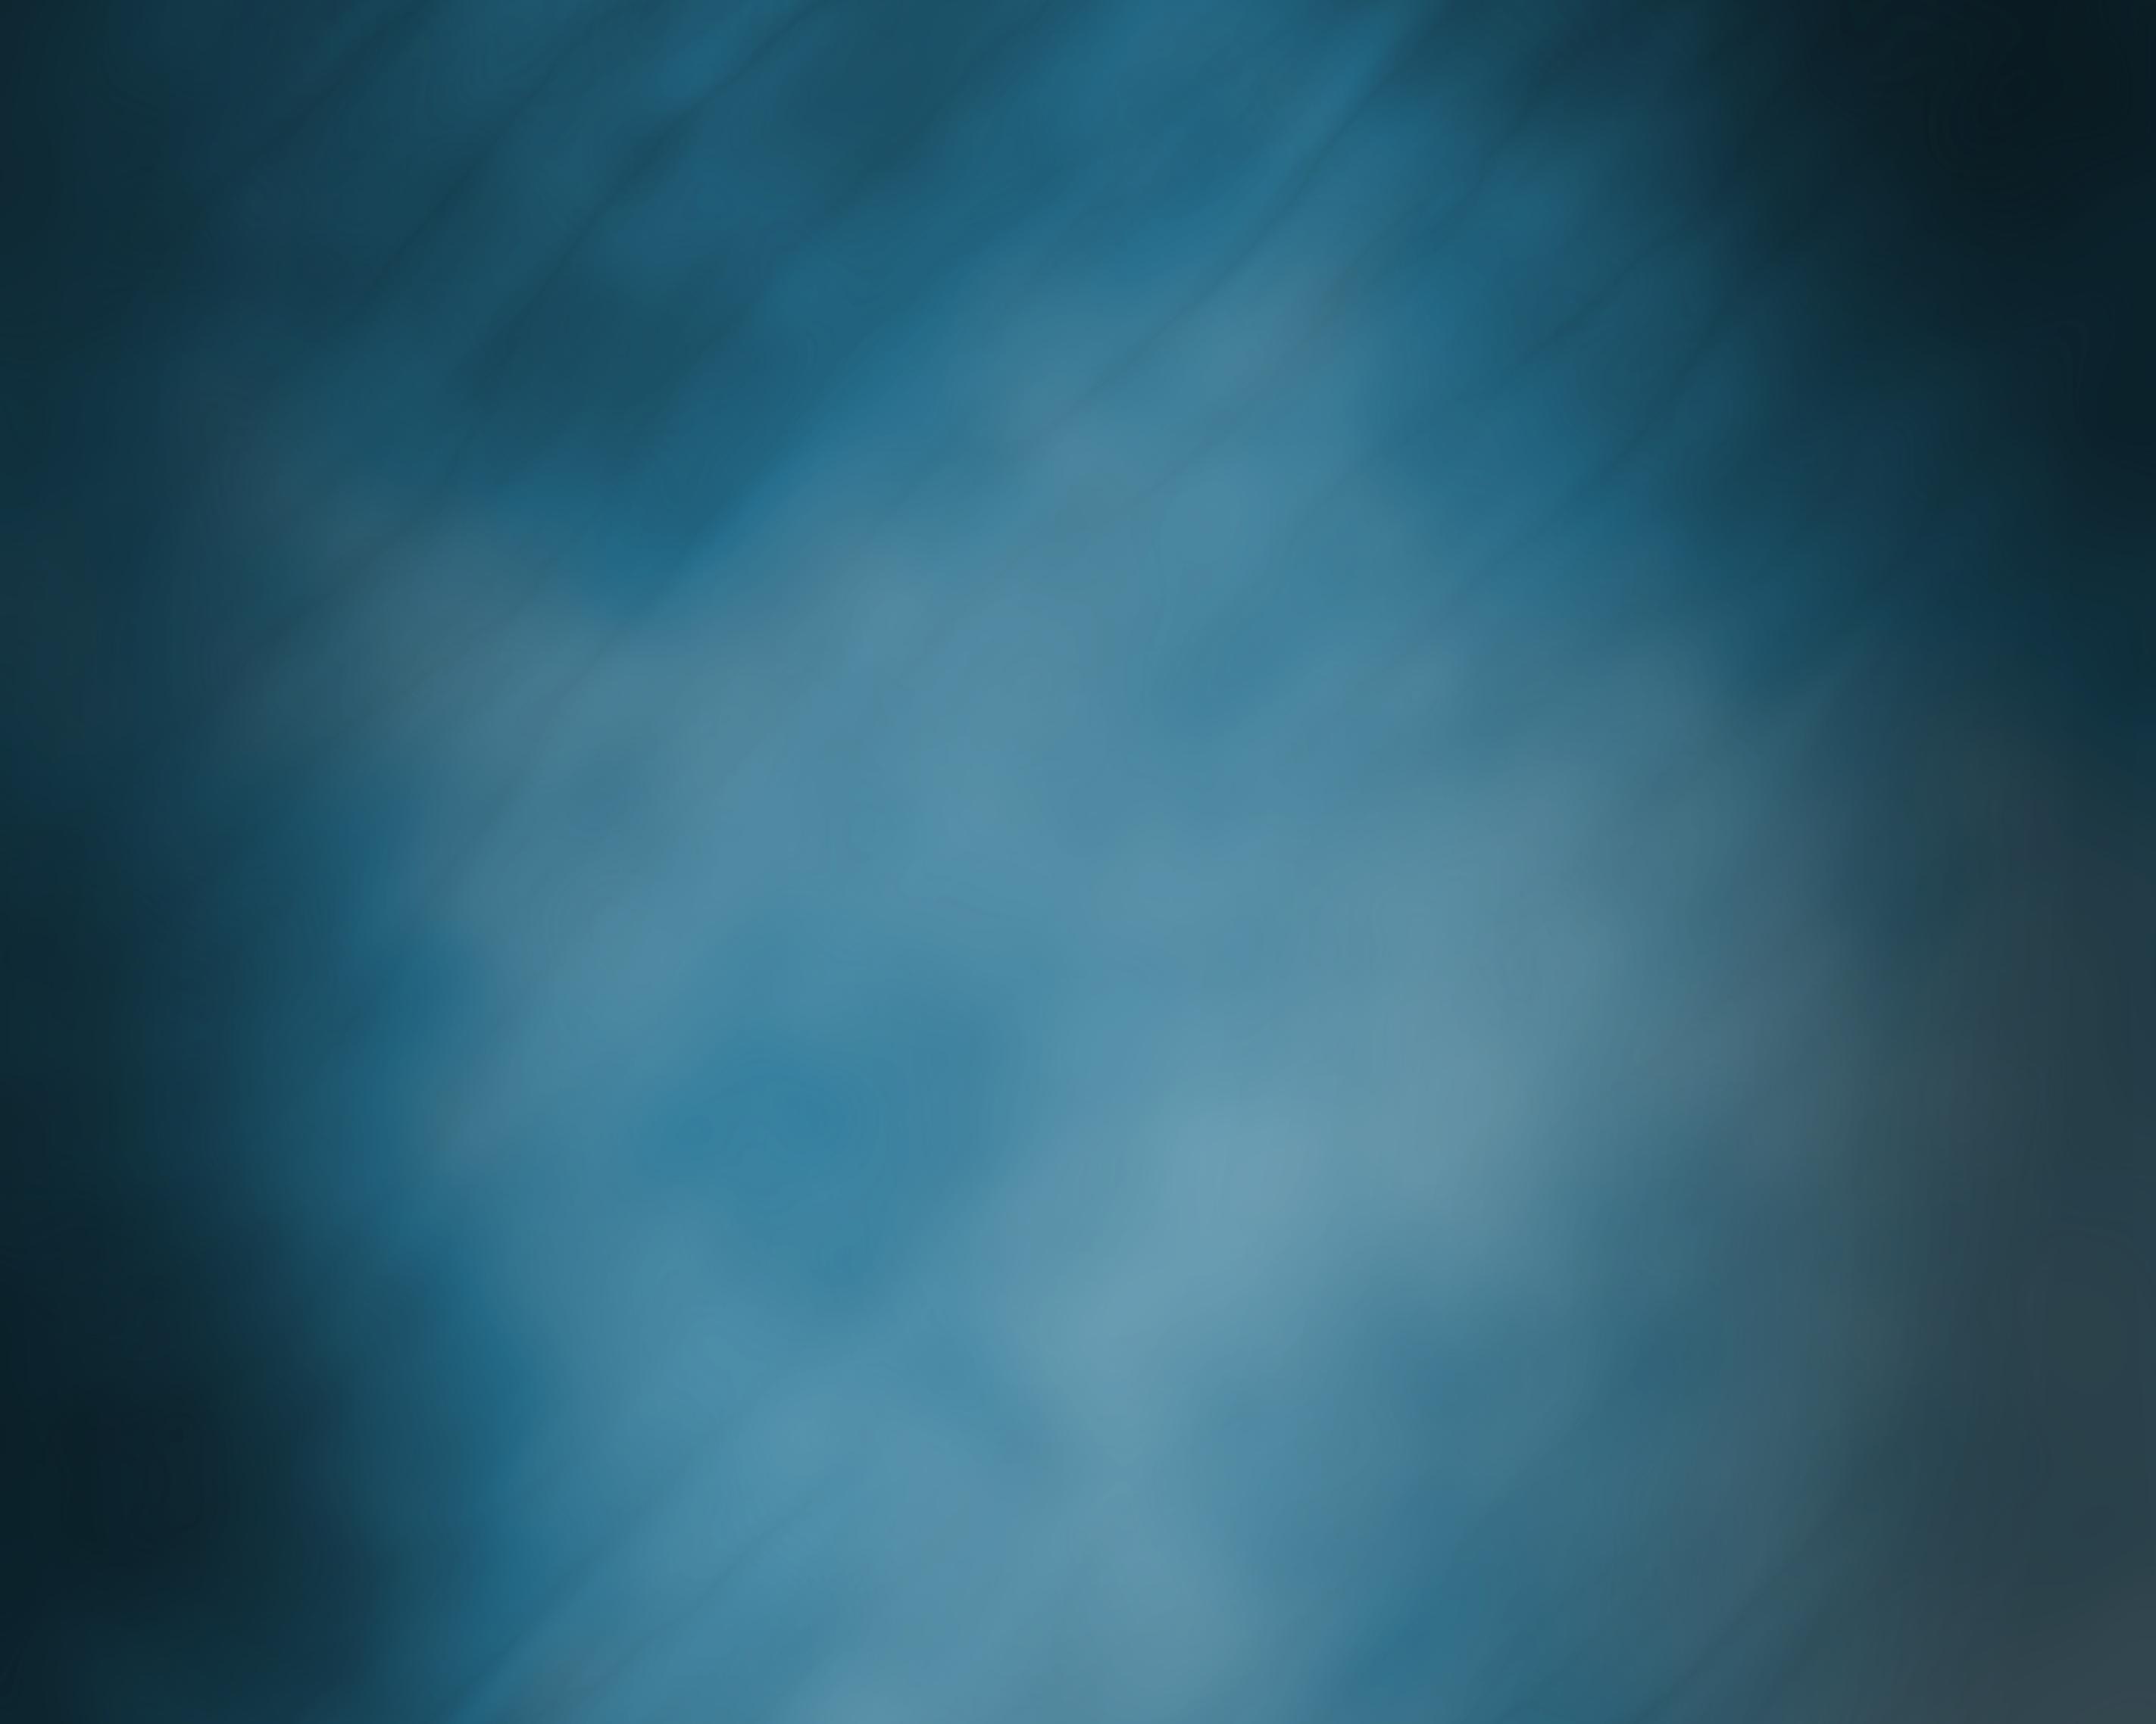 Dark Blue Painted Rock